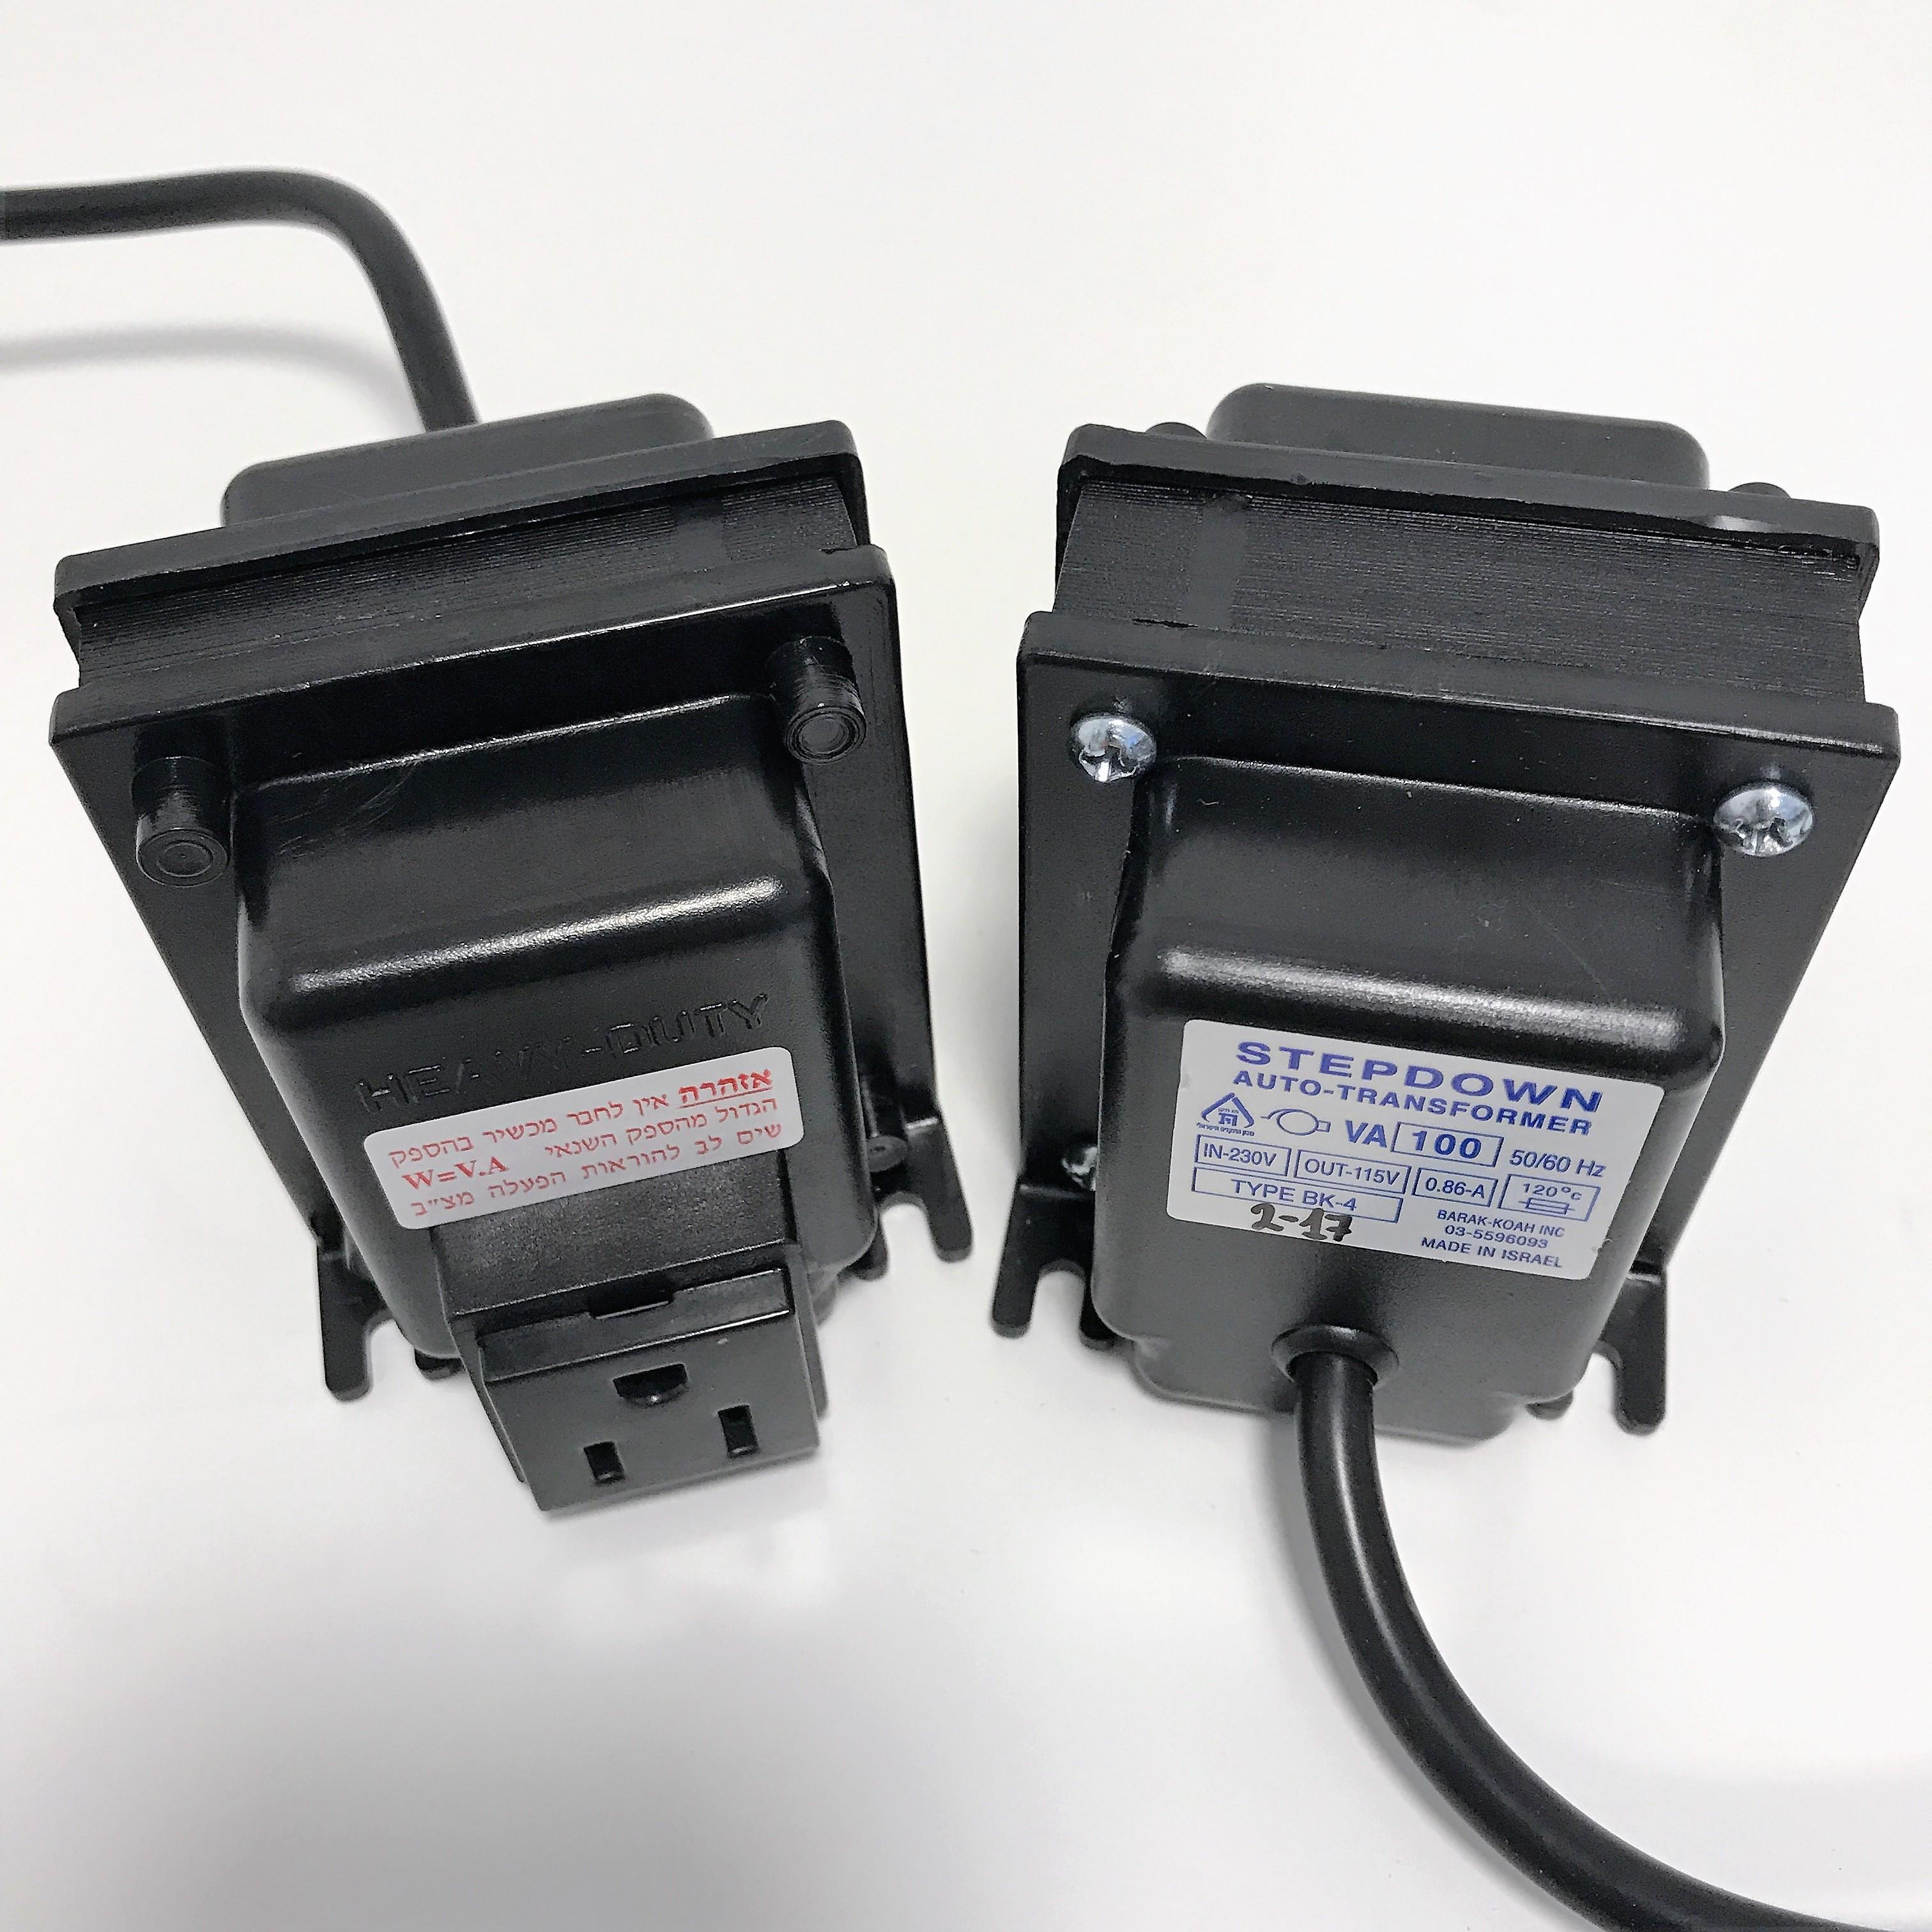 שנאי אוטוטרפו בהספק 200VA (למכשיר אמריקאי 115V)